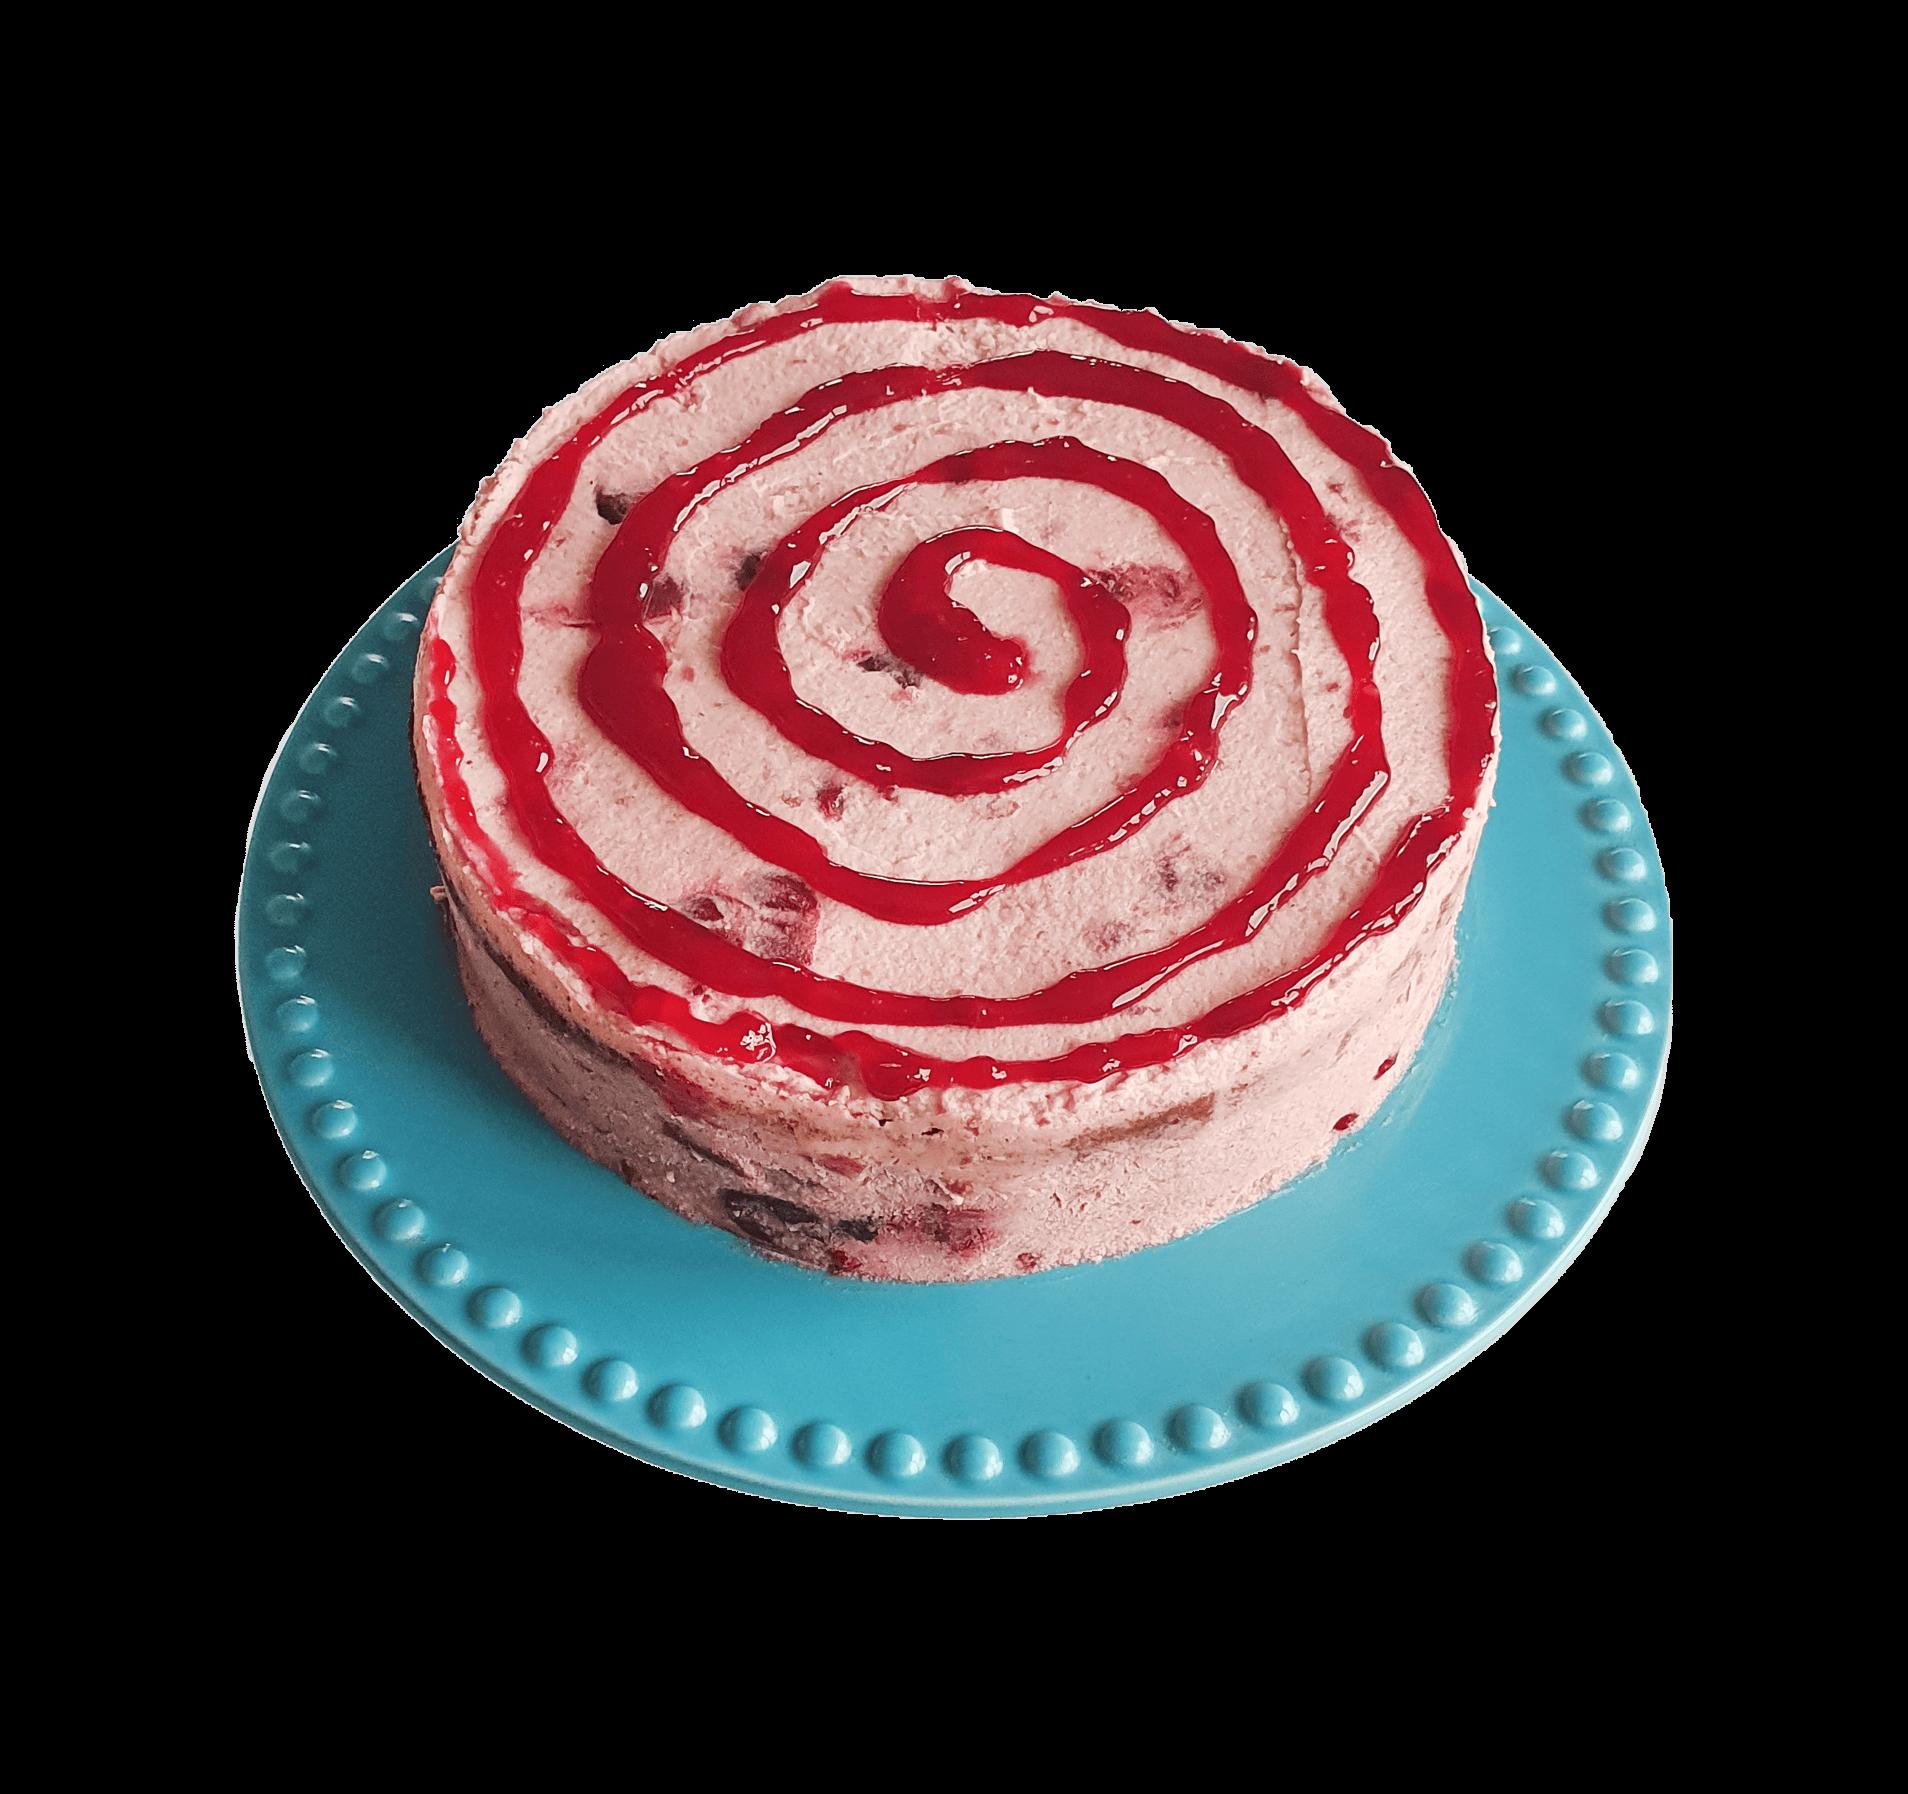 Biologische taart bestellen online kersentaart slagroomtaart gebakjes bio leuke lekkerste luxe bijzondere natuurlijke taarten laten bezorgen bedrijfstaarten den haag voorburg schiedam zoetermeer delft delfgauw berkel wateringen hoek van holland zoeterwoude leidschendam leiden